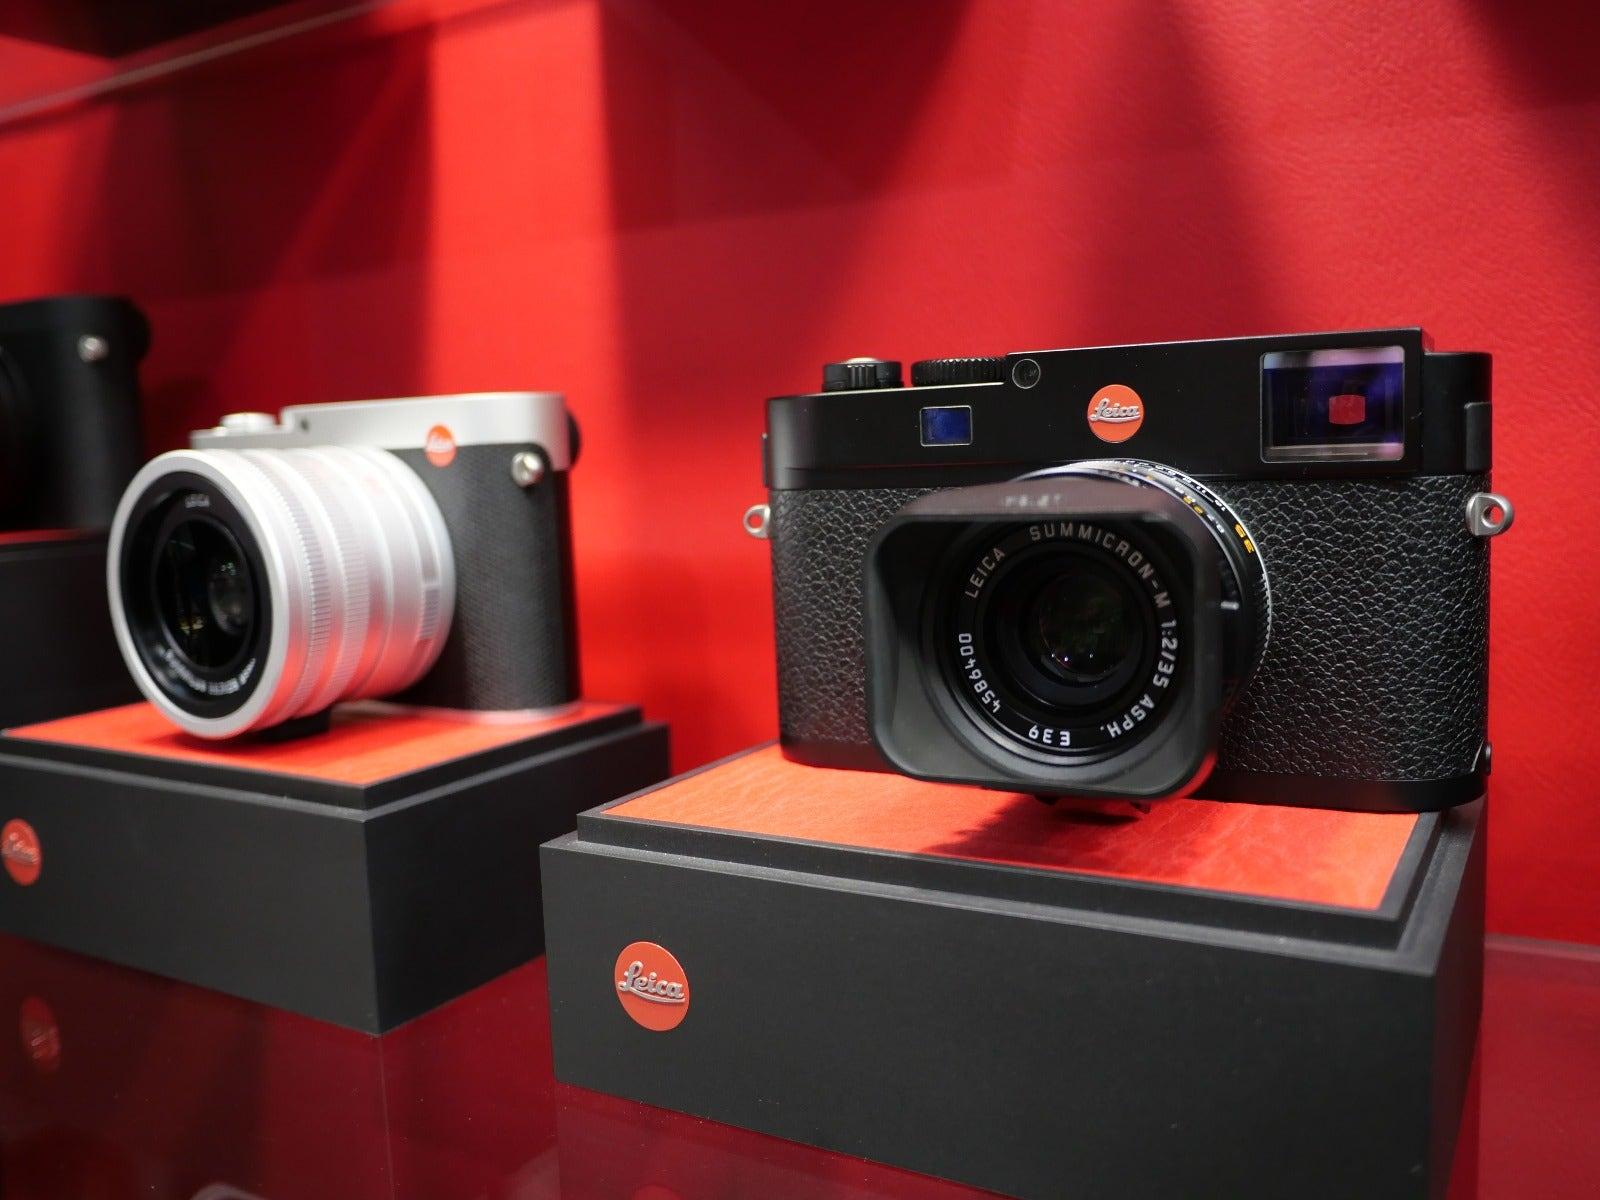 Leica cameras